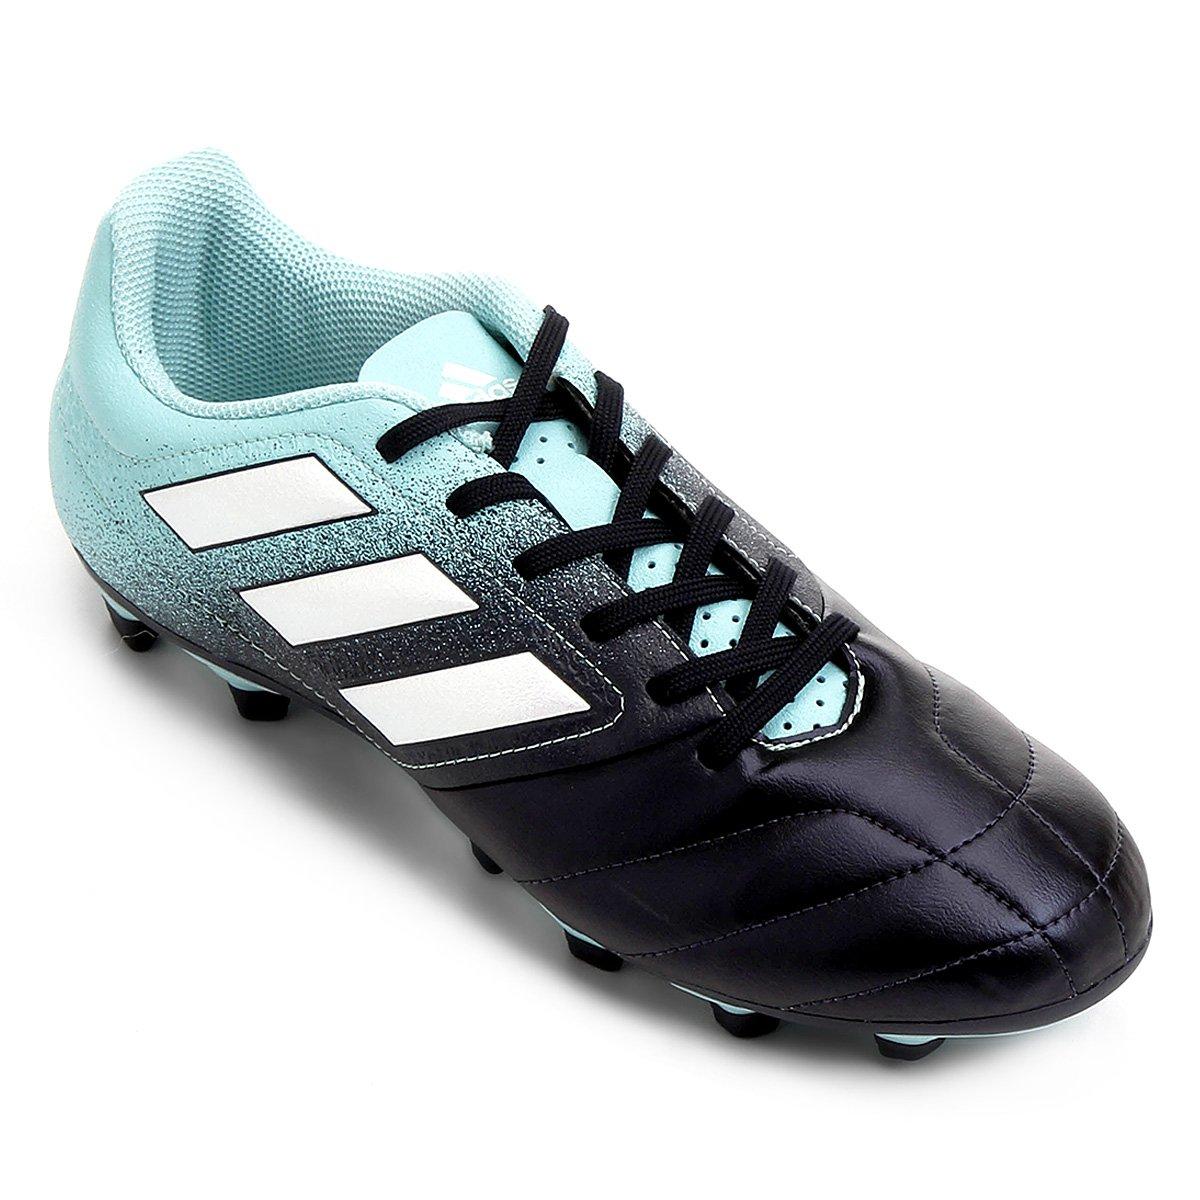 16be5786f Chuteira Campo Adidas Ace 17.4 FXG - Compre Agora